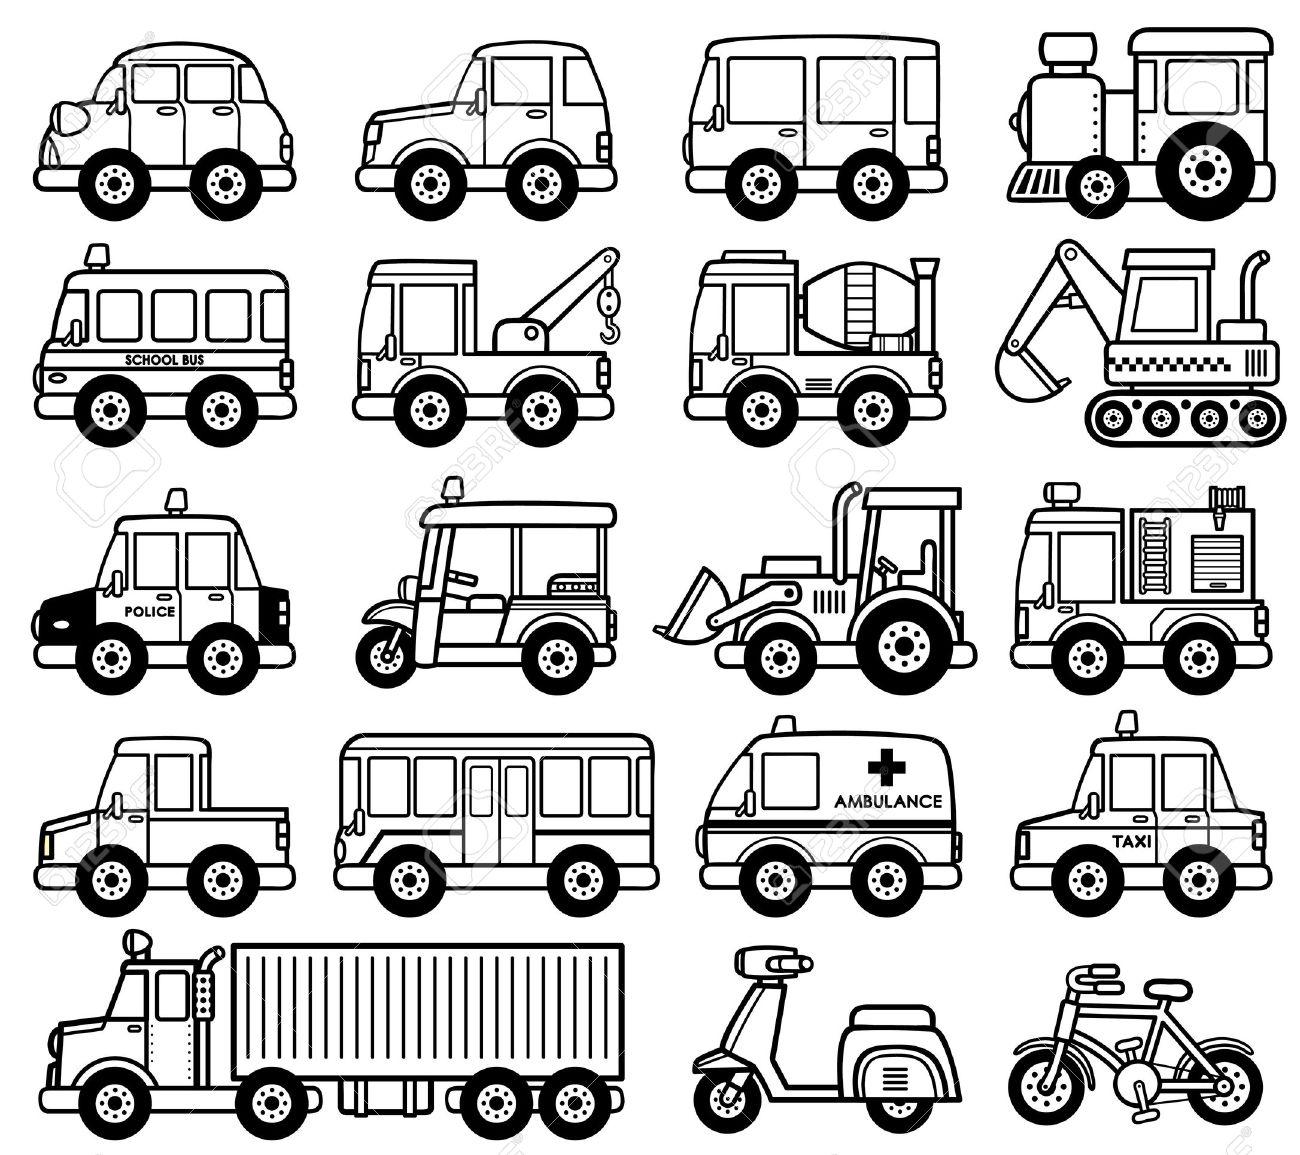 Famoso Colorear Vehículos Bosquejo - Dibujos Para Colorear En Línea ...